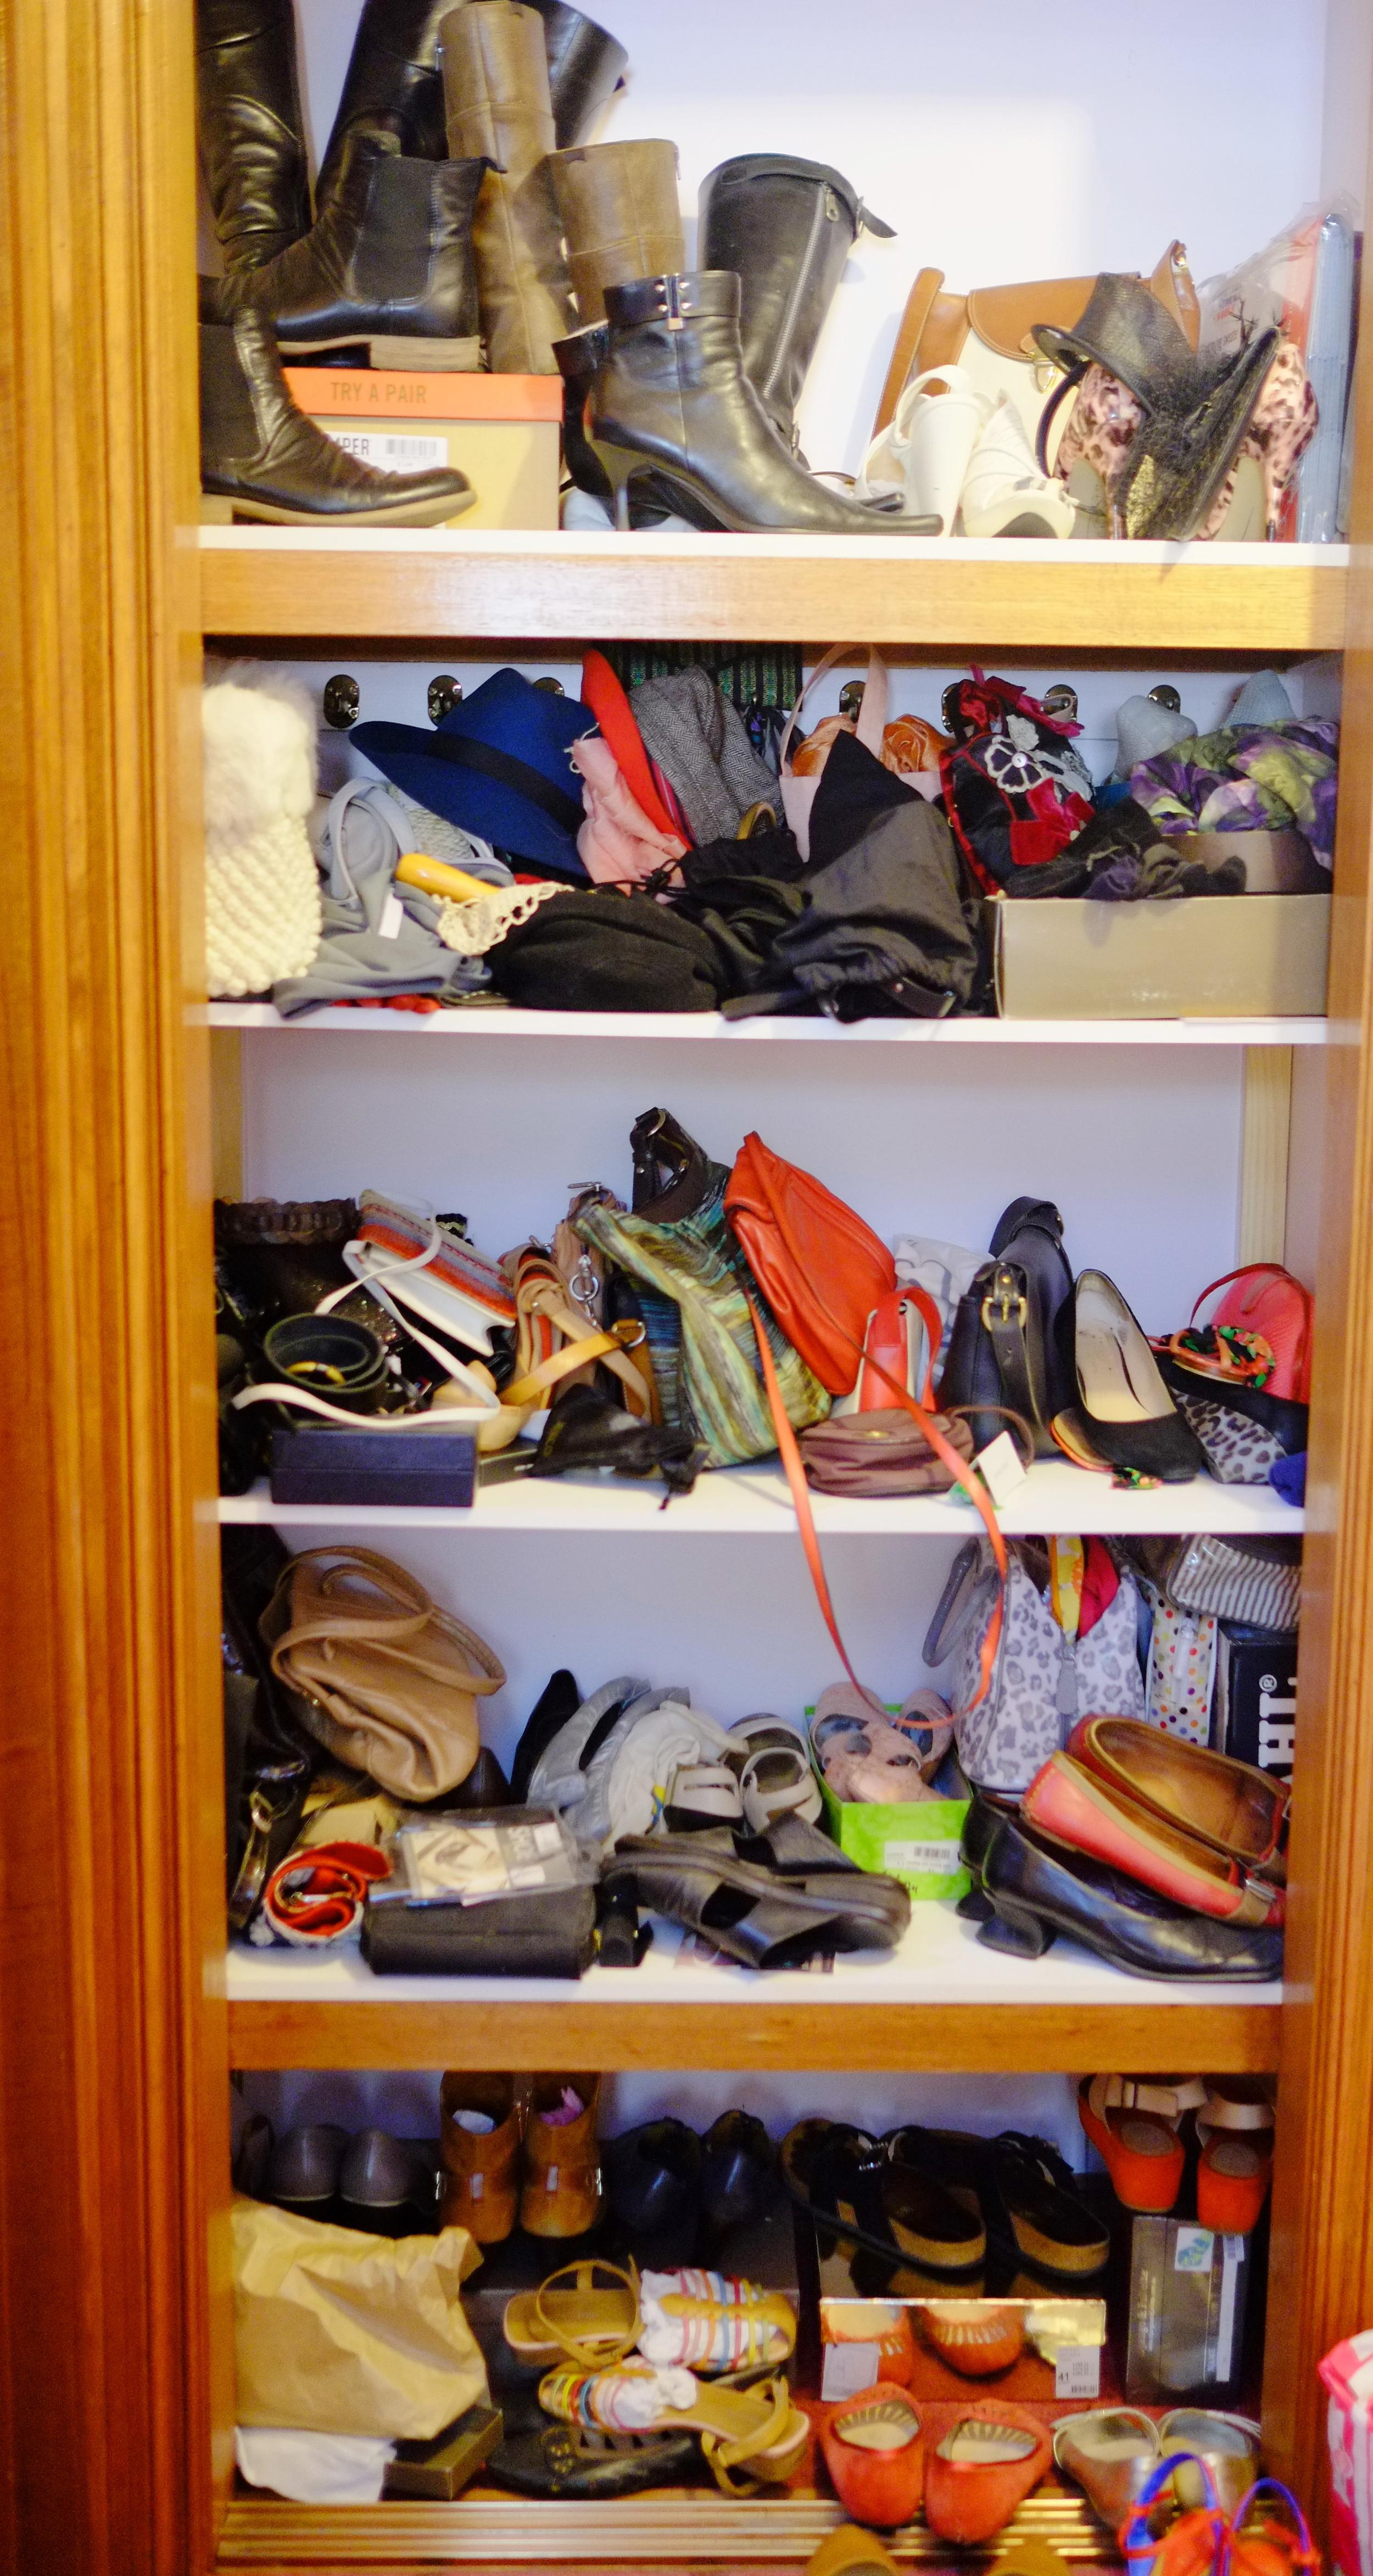 disorganised shoes